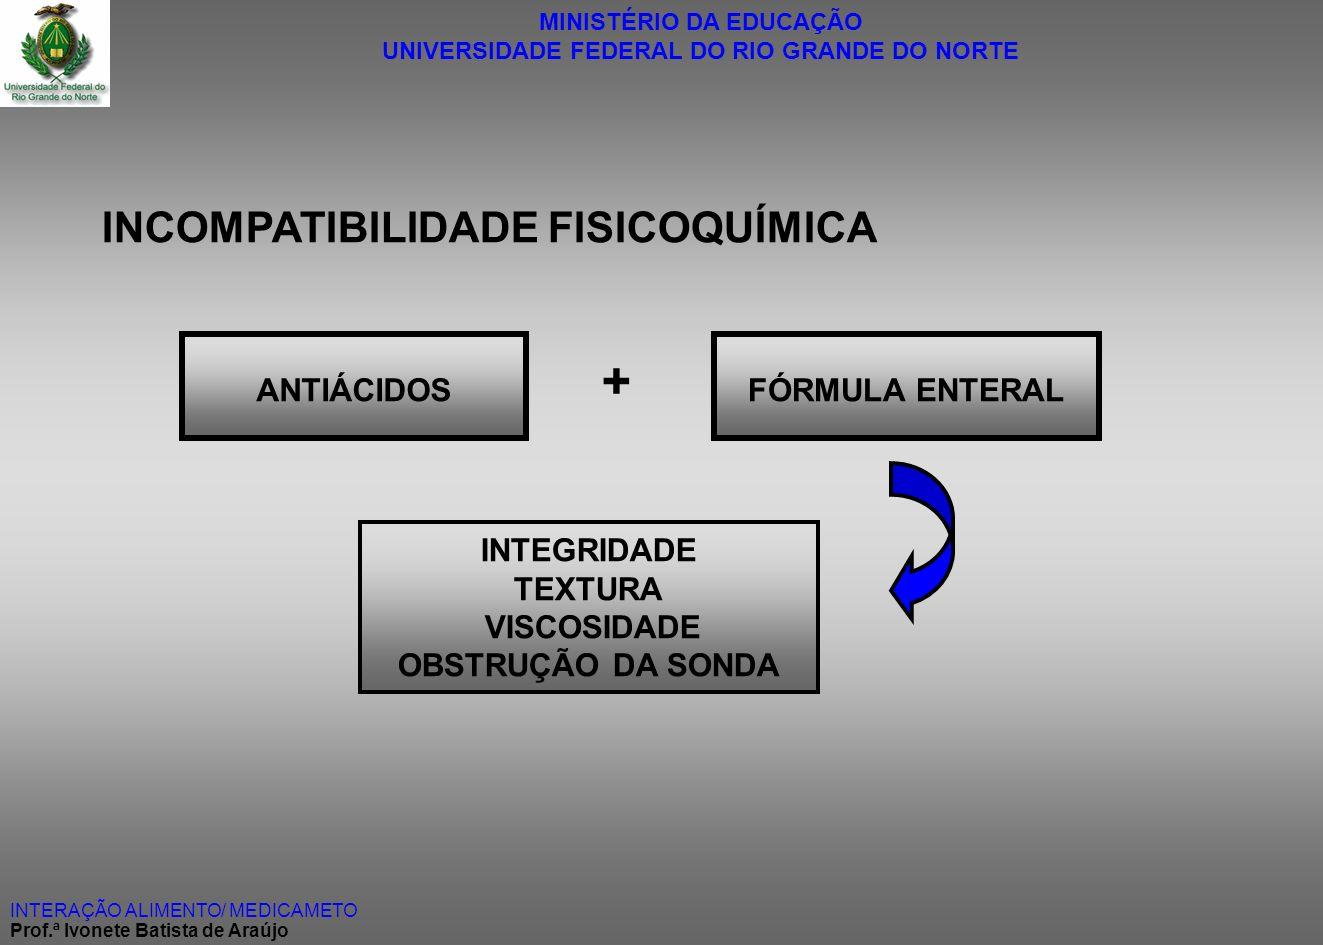 + INCOMPATIBILIDADE FISICOQUÍMICA ANTIÁCIDOS FÓRMULA ENTERAL